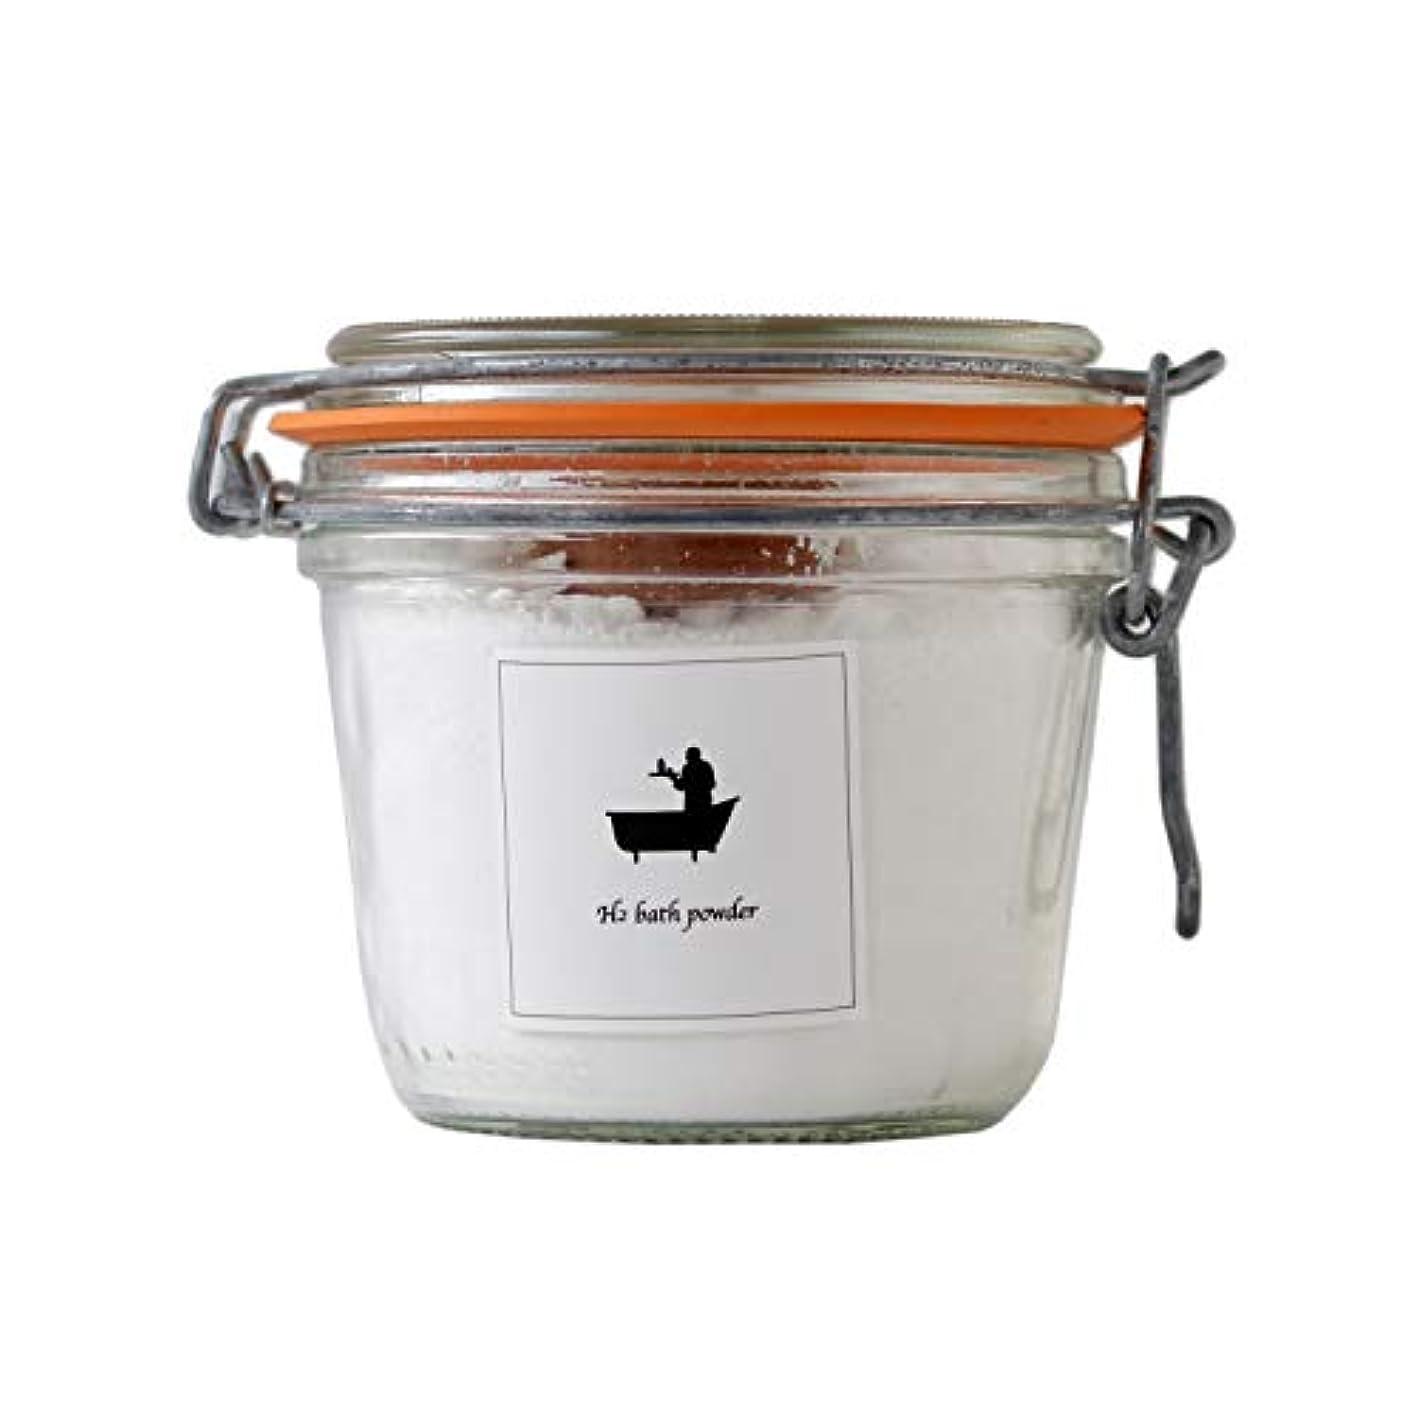 うめき歴史家レオナルドダ水素入浴剤「BATHLIER H2 bath powder」RDモイストバスパウダー/ジャータイプ